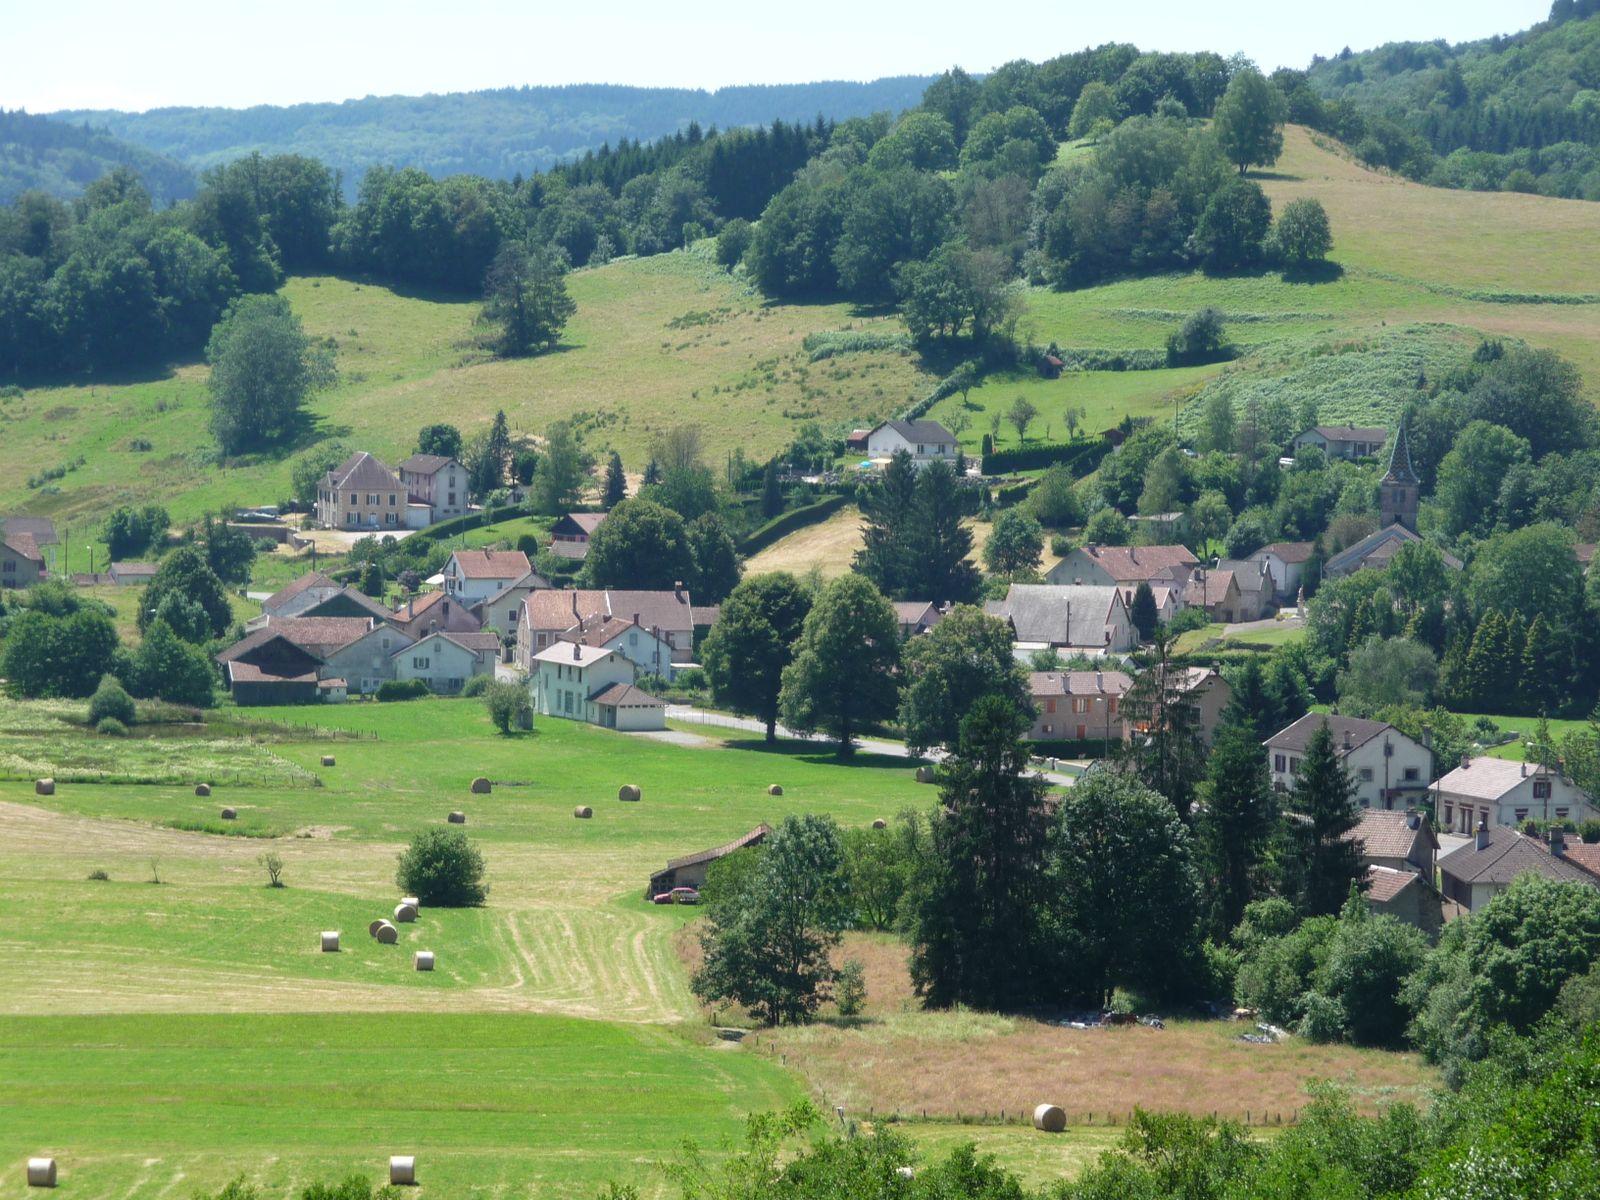 Le village de Corravillers : Point de départ pour l'arrivée au gîte.